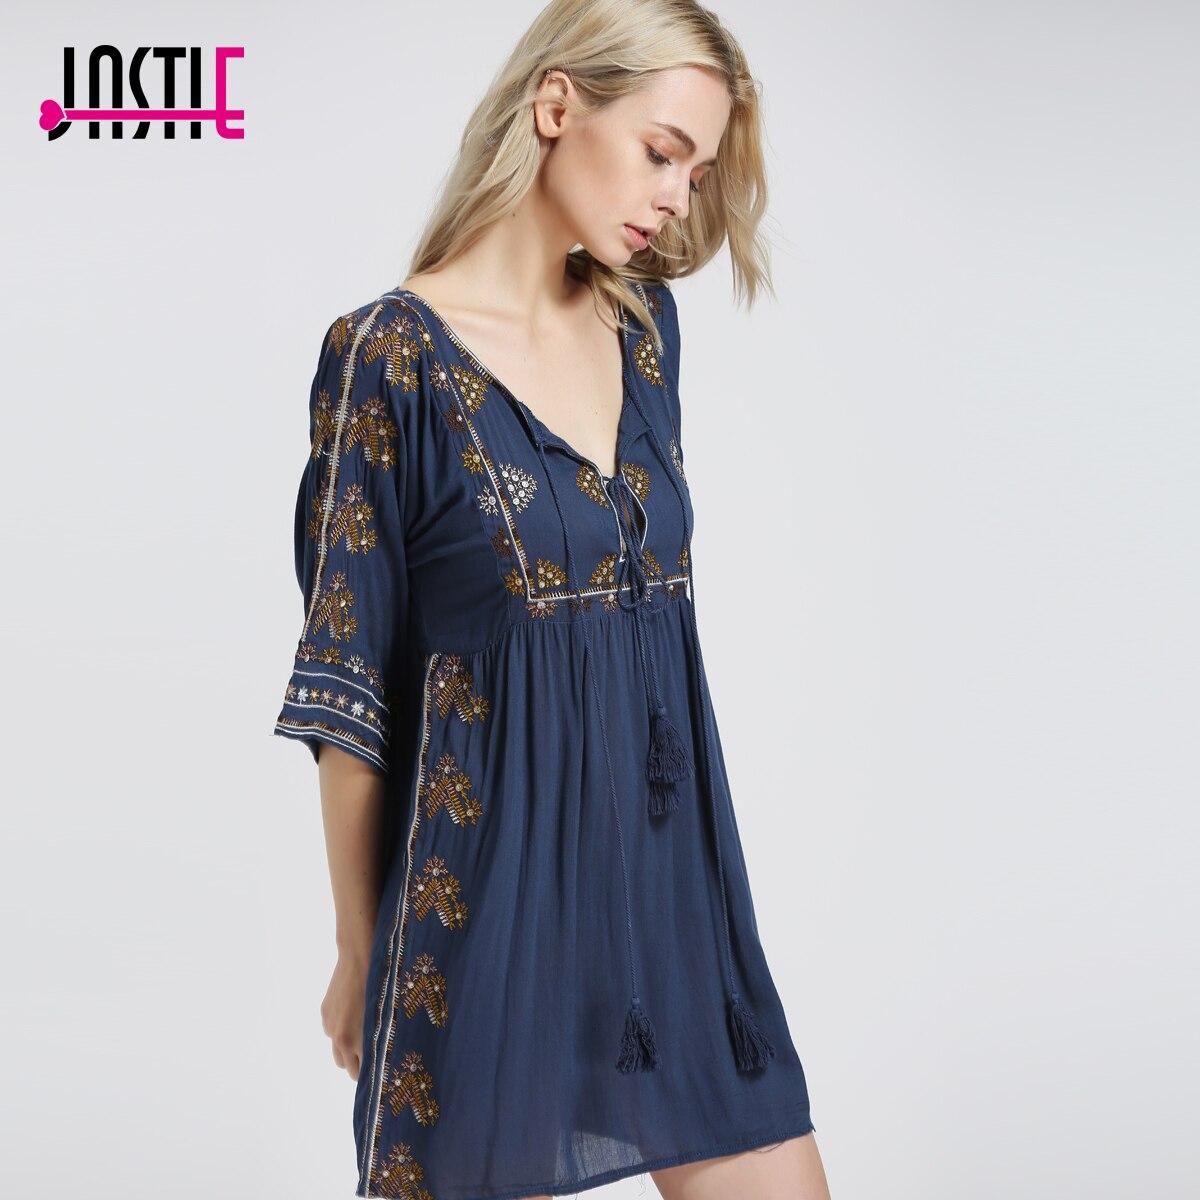 Jastieスターライトミニドレス自由奔放に生きるシックな花刺繍女性ドレス切り抜きとネクタイセクシーなドレス夏vestidos 5808  グループ上の レディース衣服 からの ドレス の中 1